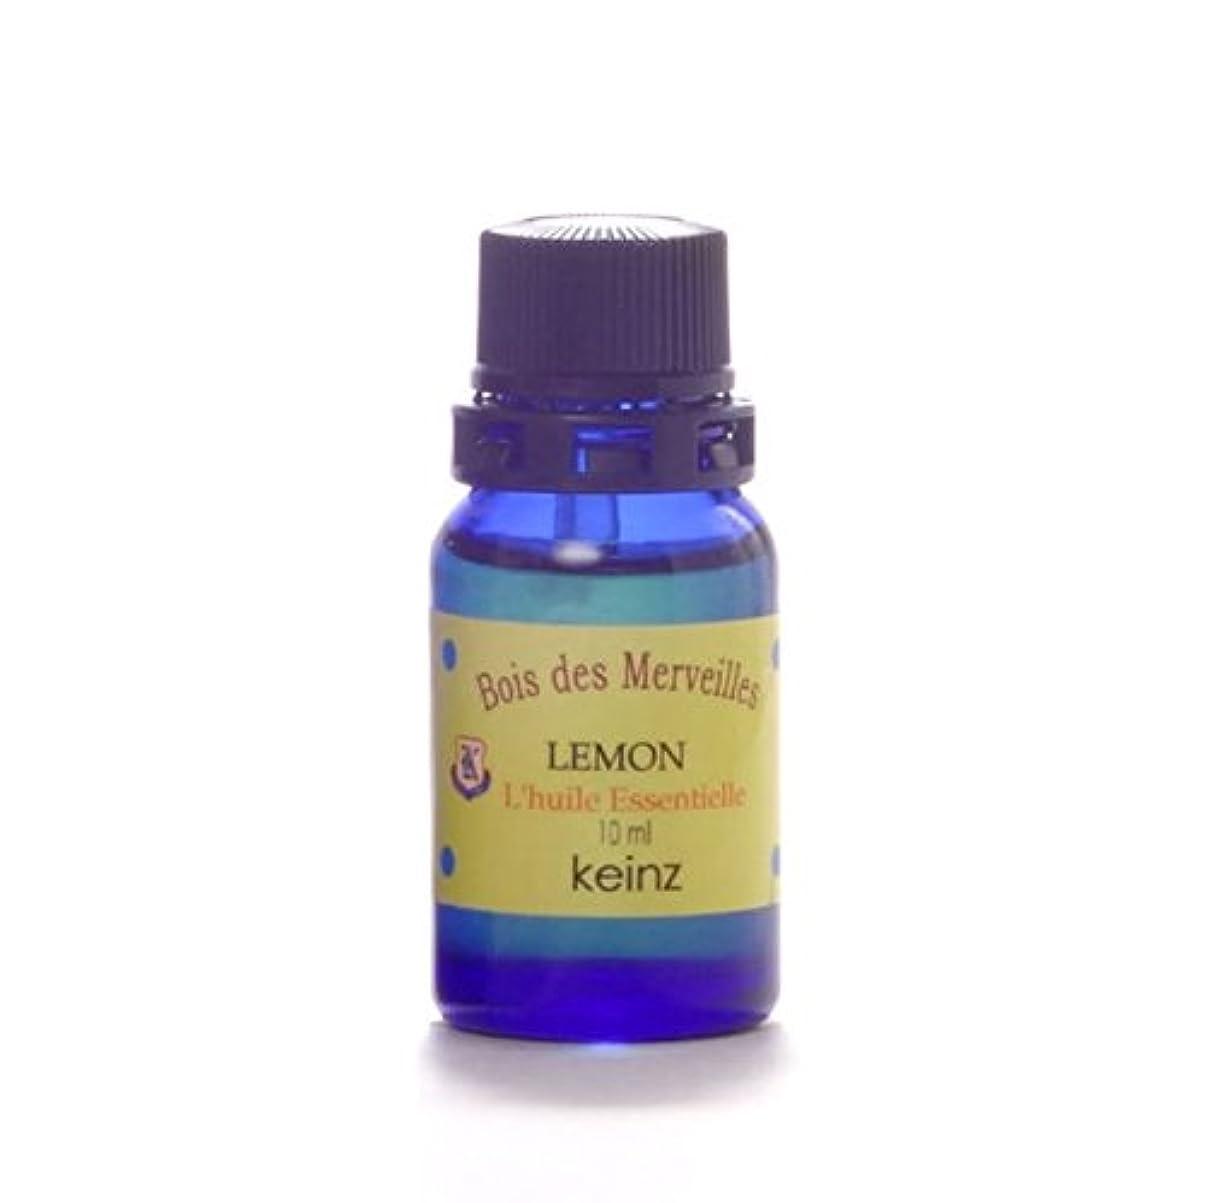 ショートカット動員する船員keinzエッセンシャルオイル「レモン10ml」ケインズ正規品 製造国アメリカ 冷圧搾法 完全無添加精油 人工香料は使っていません。【送料無料】